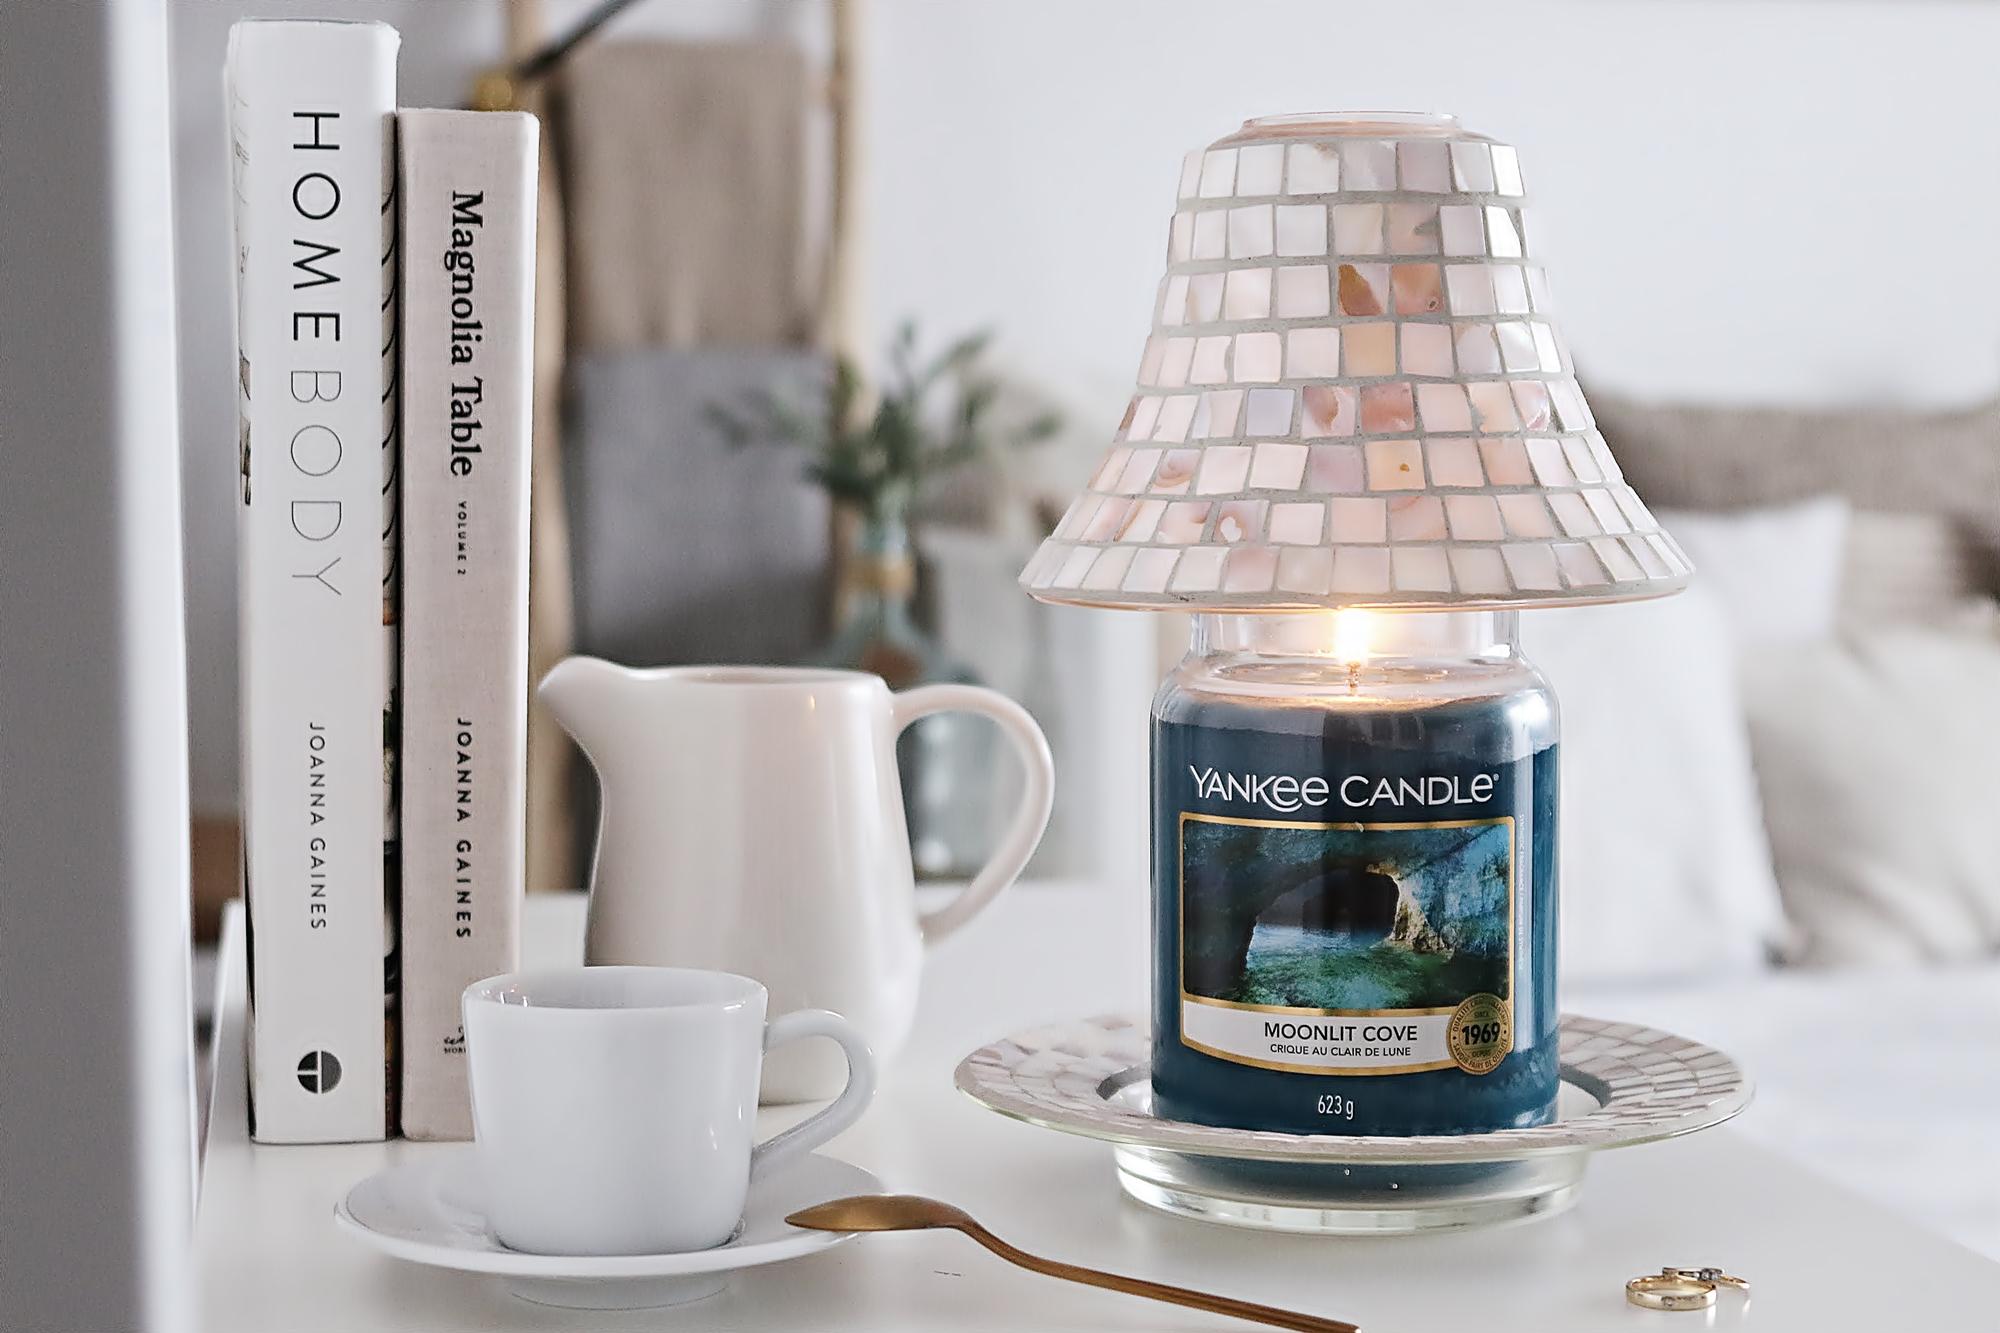 Moonlit Cove Yankee Candle - coś dla miłośniczek męskich zapachów